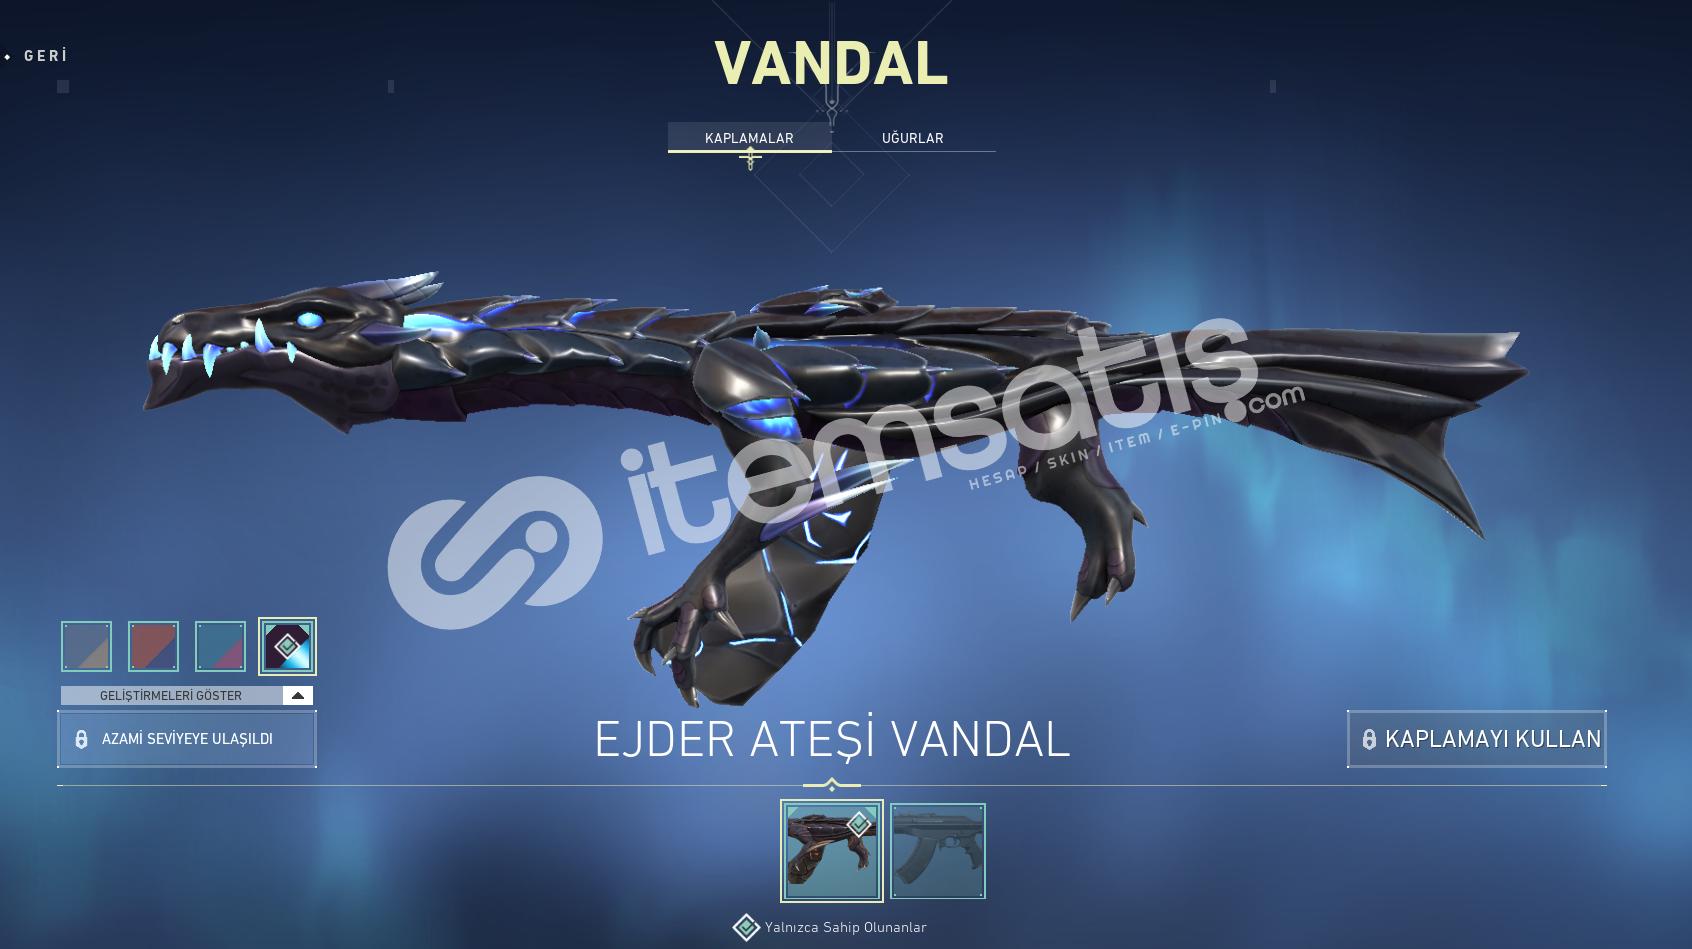 EJDER VANDALLI GOLD 3 !!!